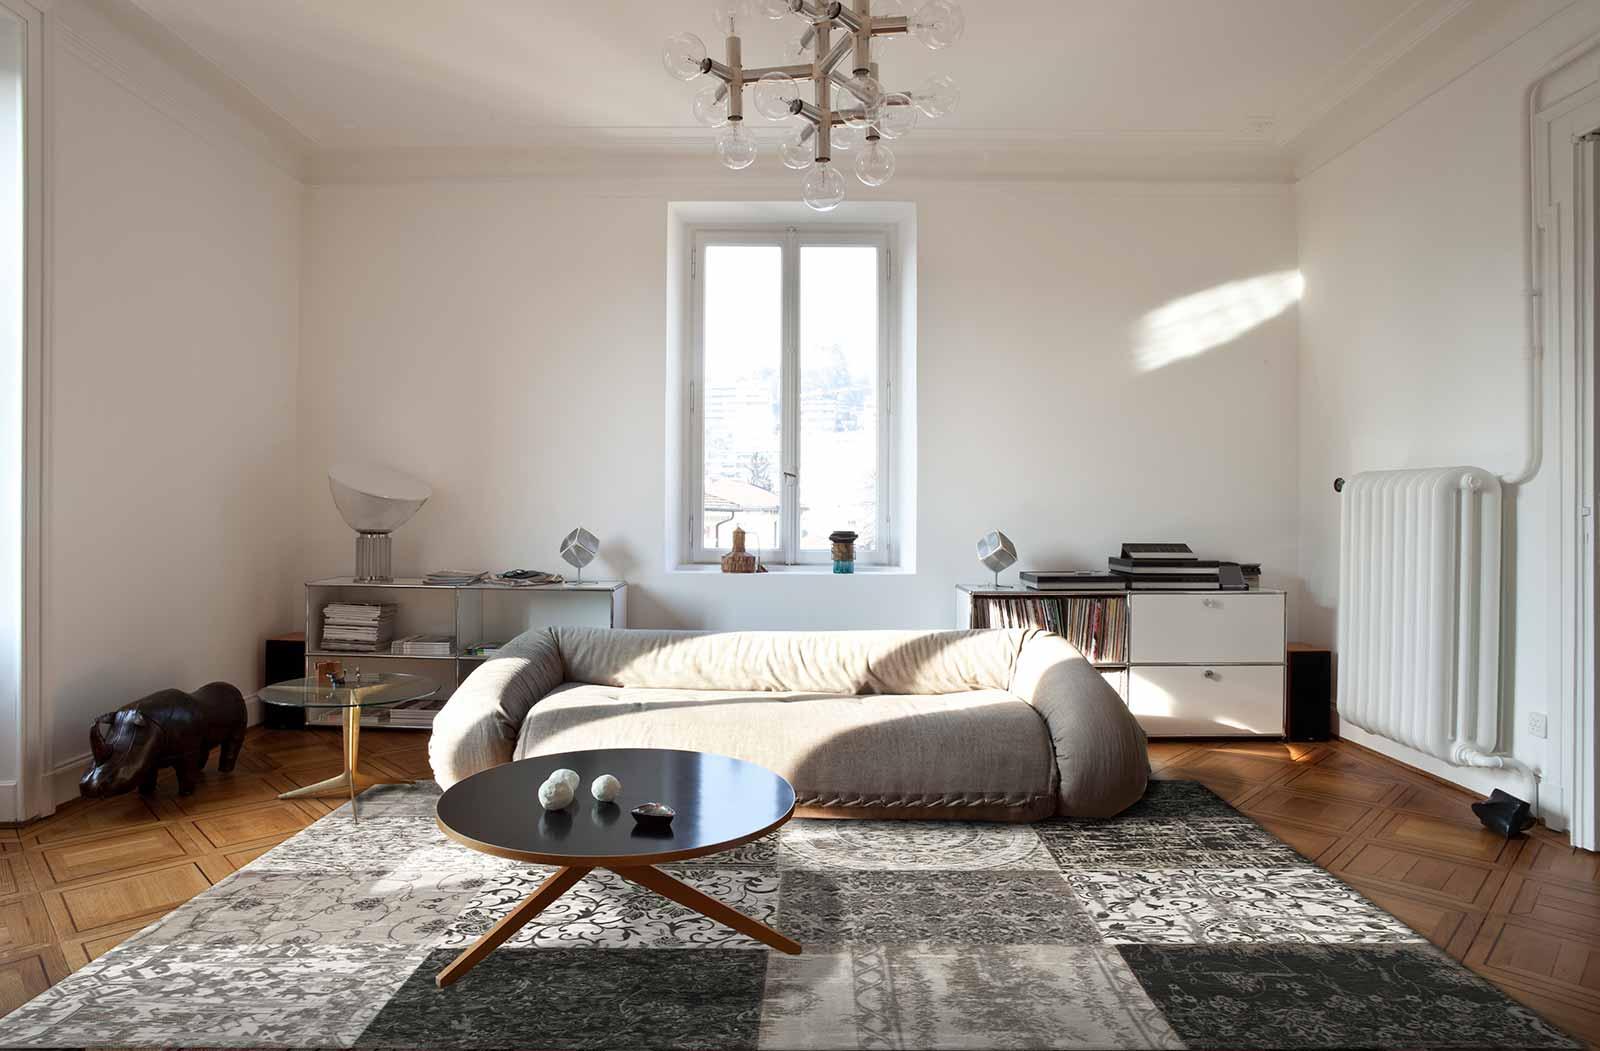 teppich Louis De Poortere LX 8101 Vintage Black White interior